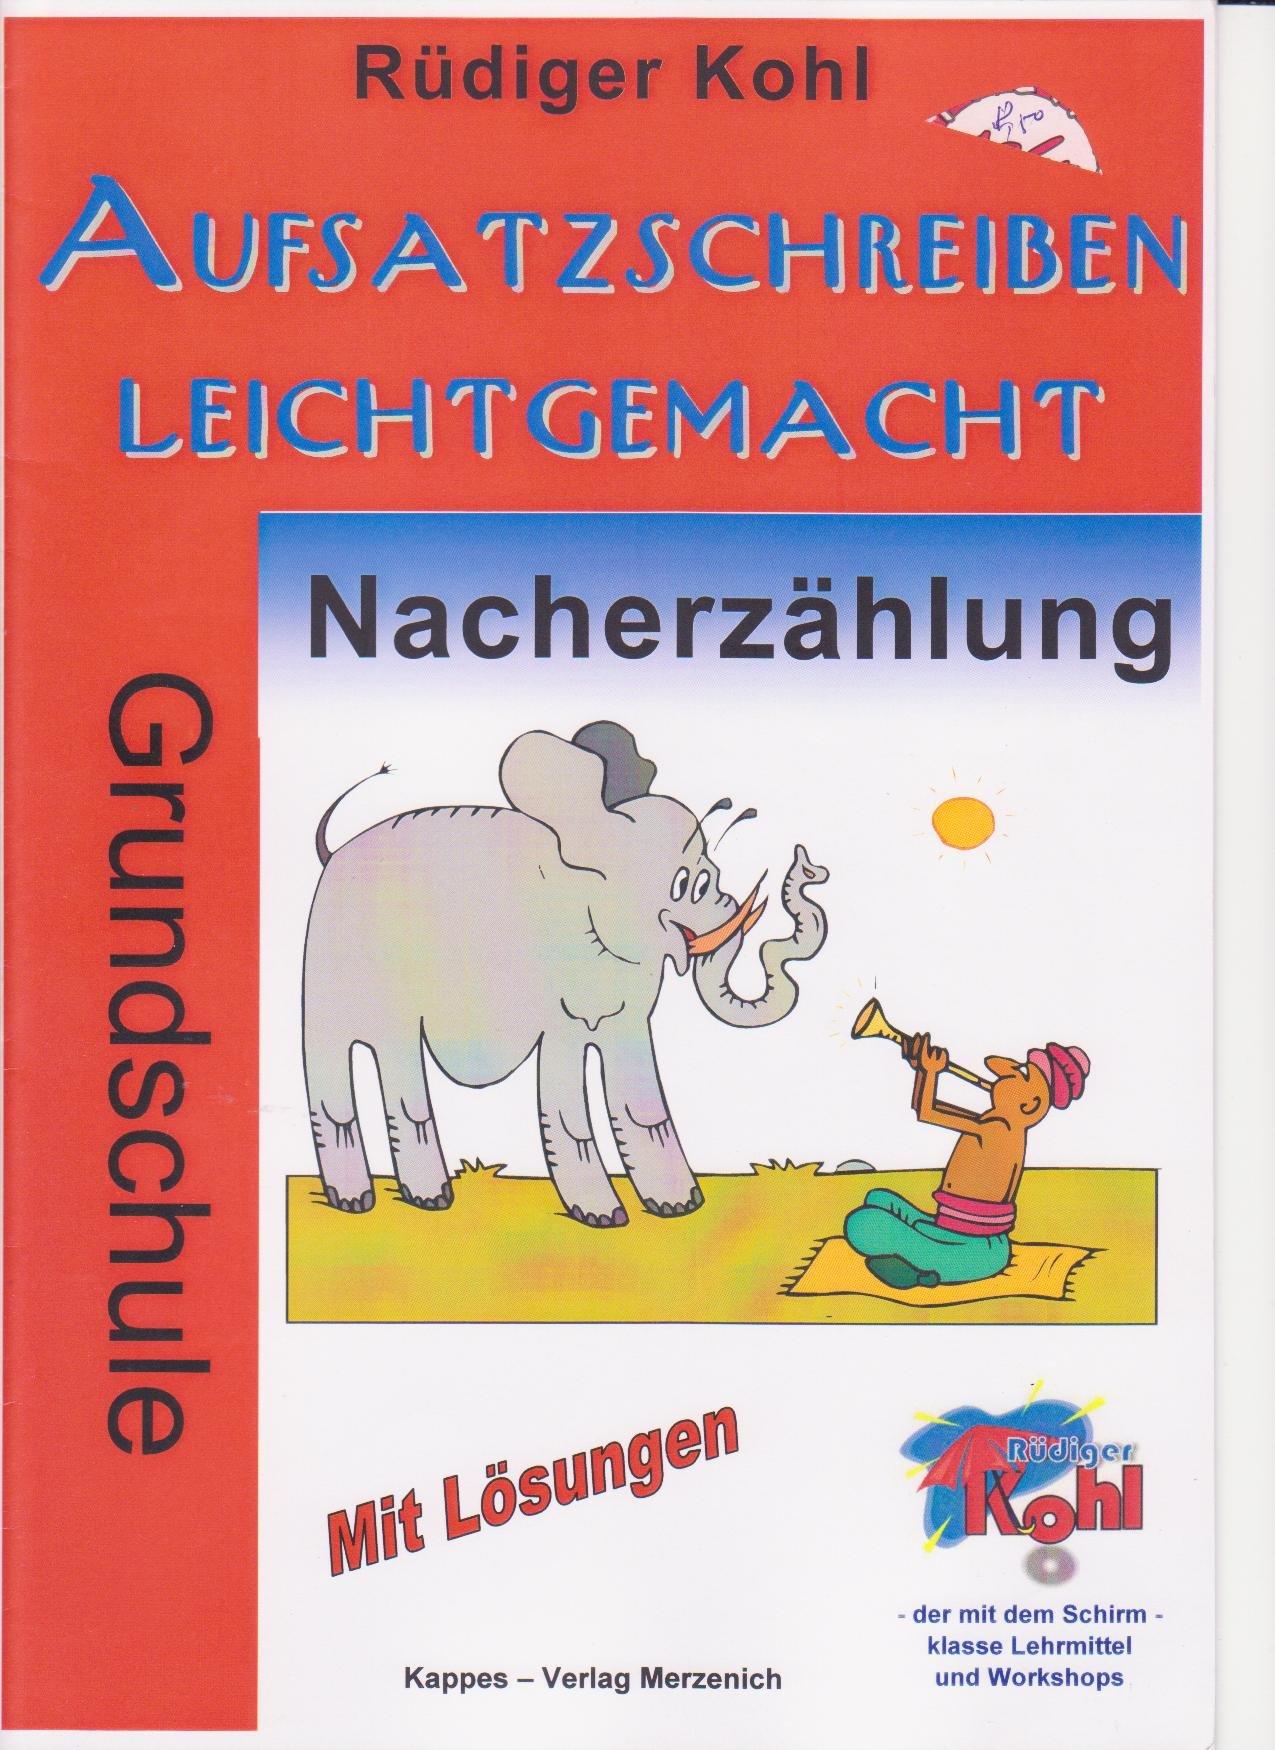 Aufsatzschreiben Leichtgemacht Nacherzählung Grundschule